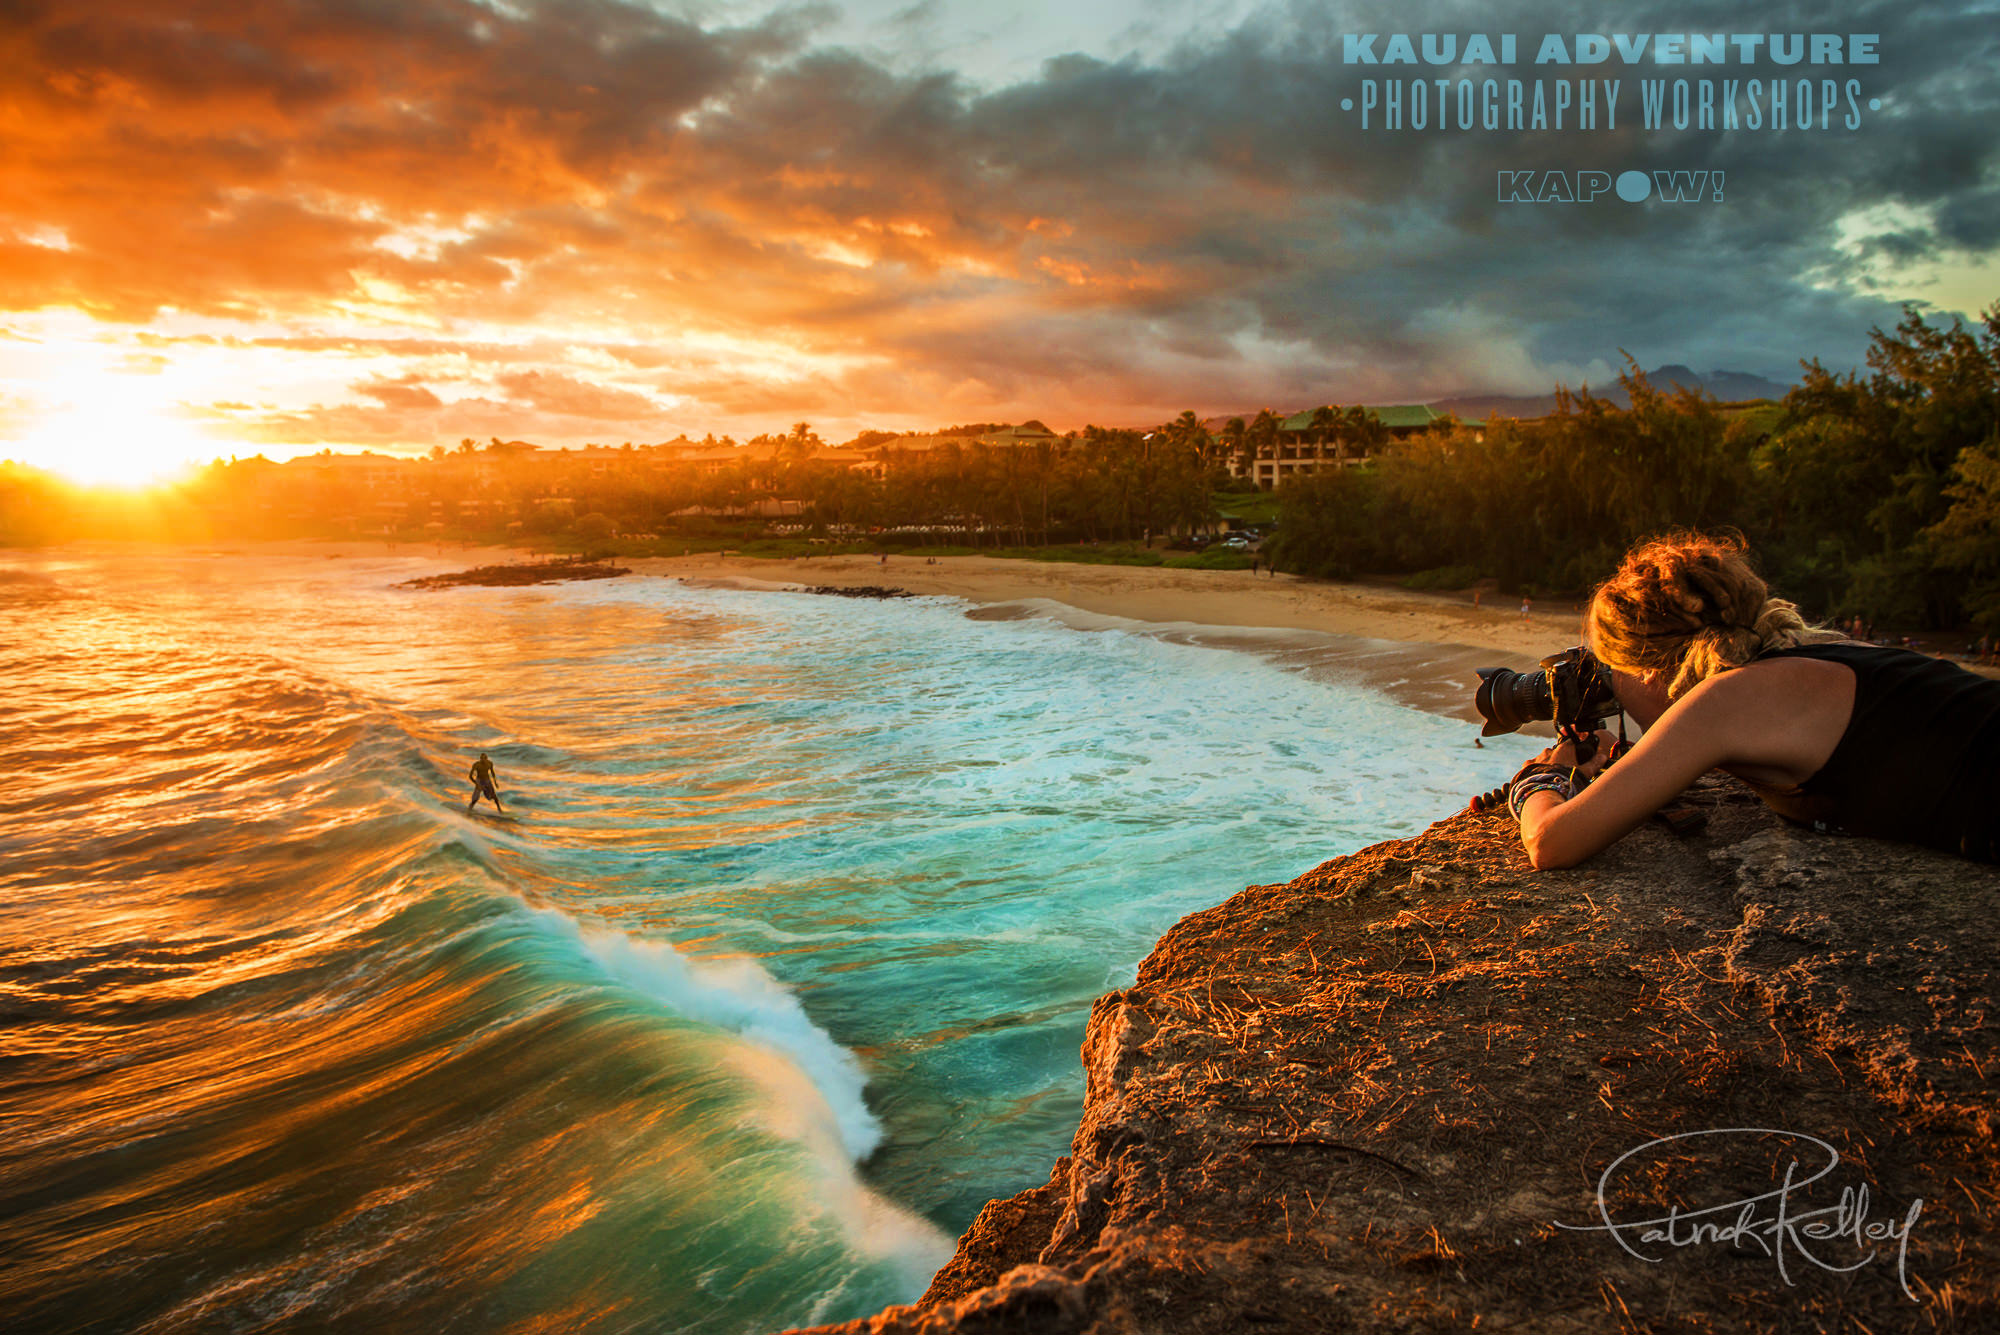 kauai2 004 image